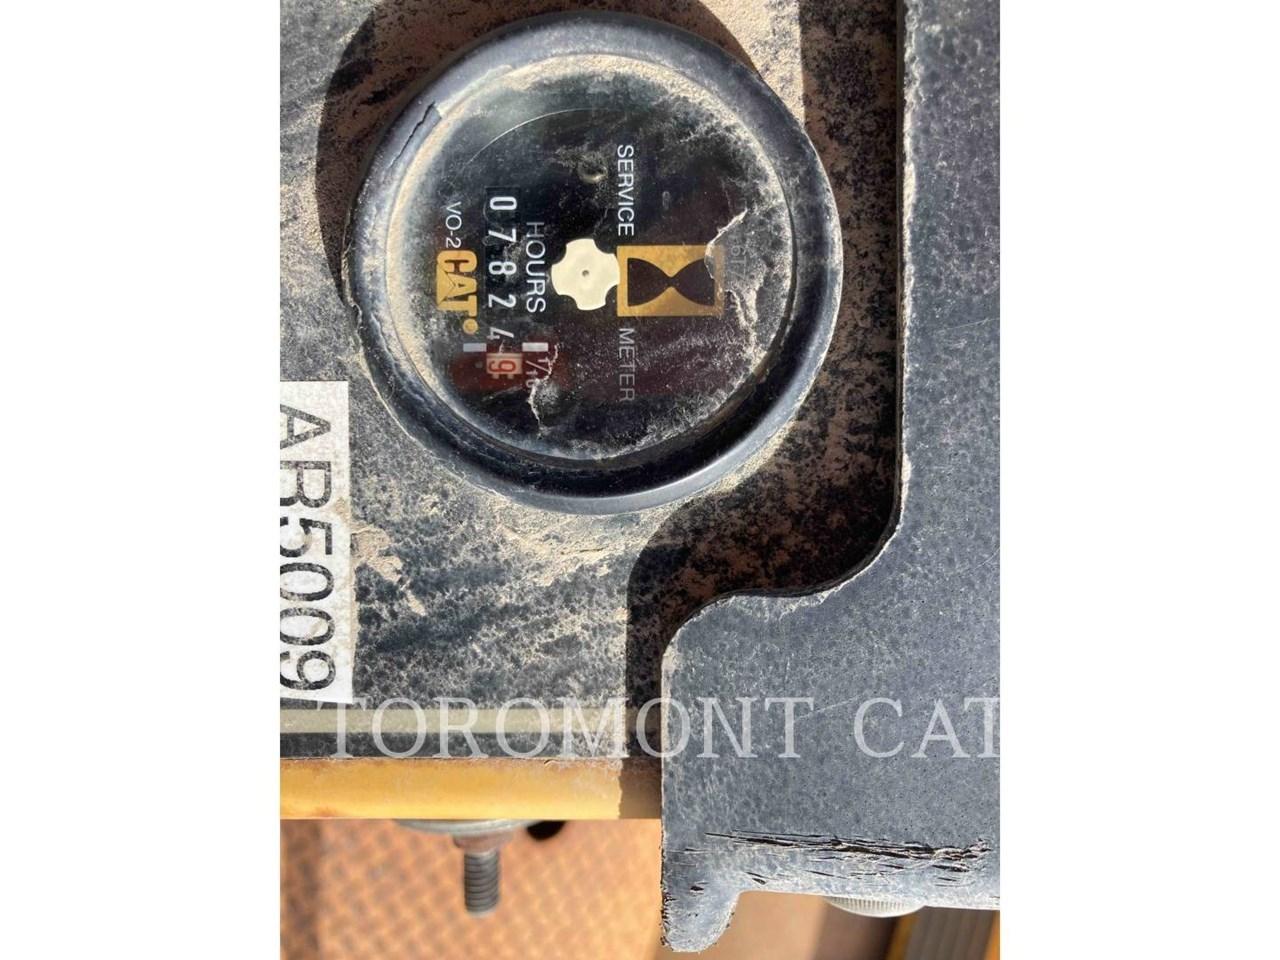 2000 Caterpillar CB634C Image 5